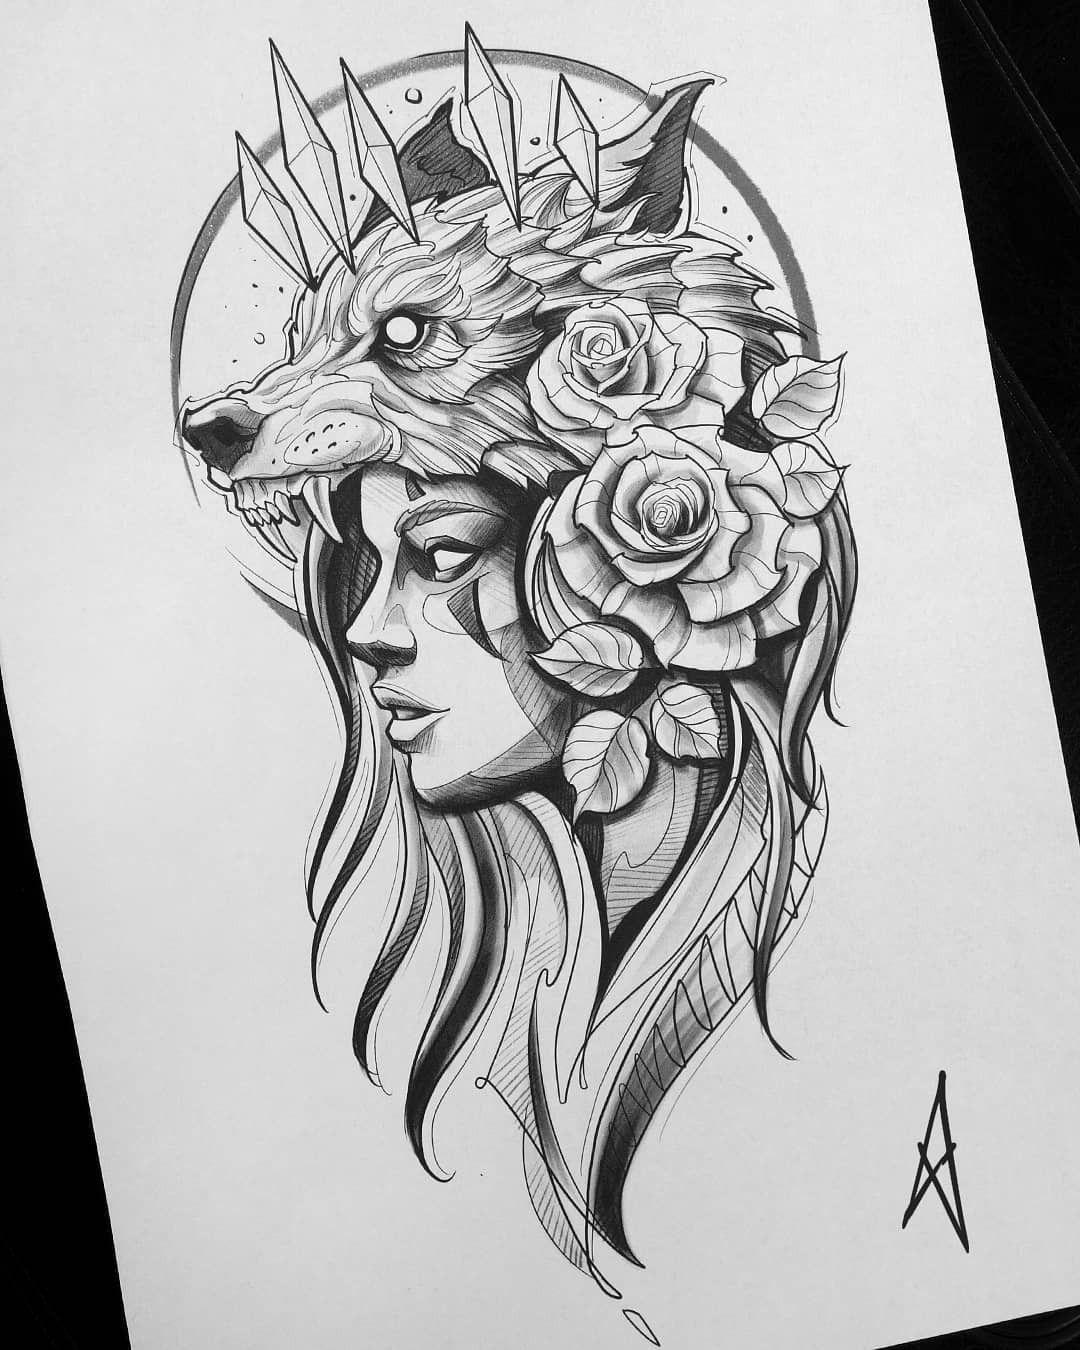 Pin De Dustie Leadabrand Em Art Desenhos Para Tatuagem Desenho